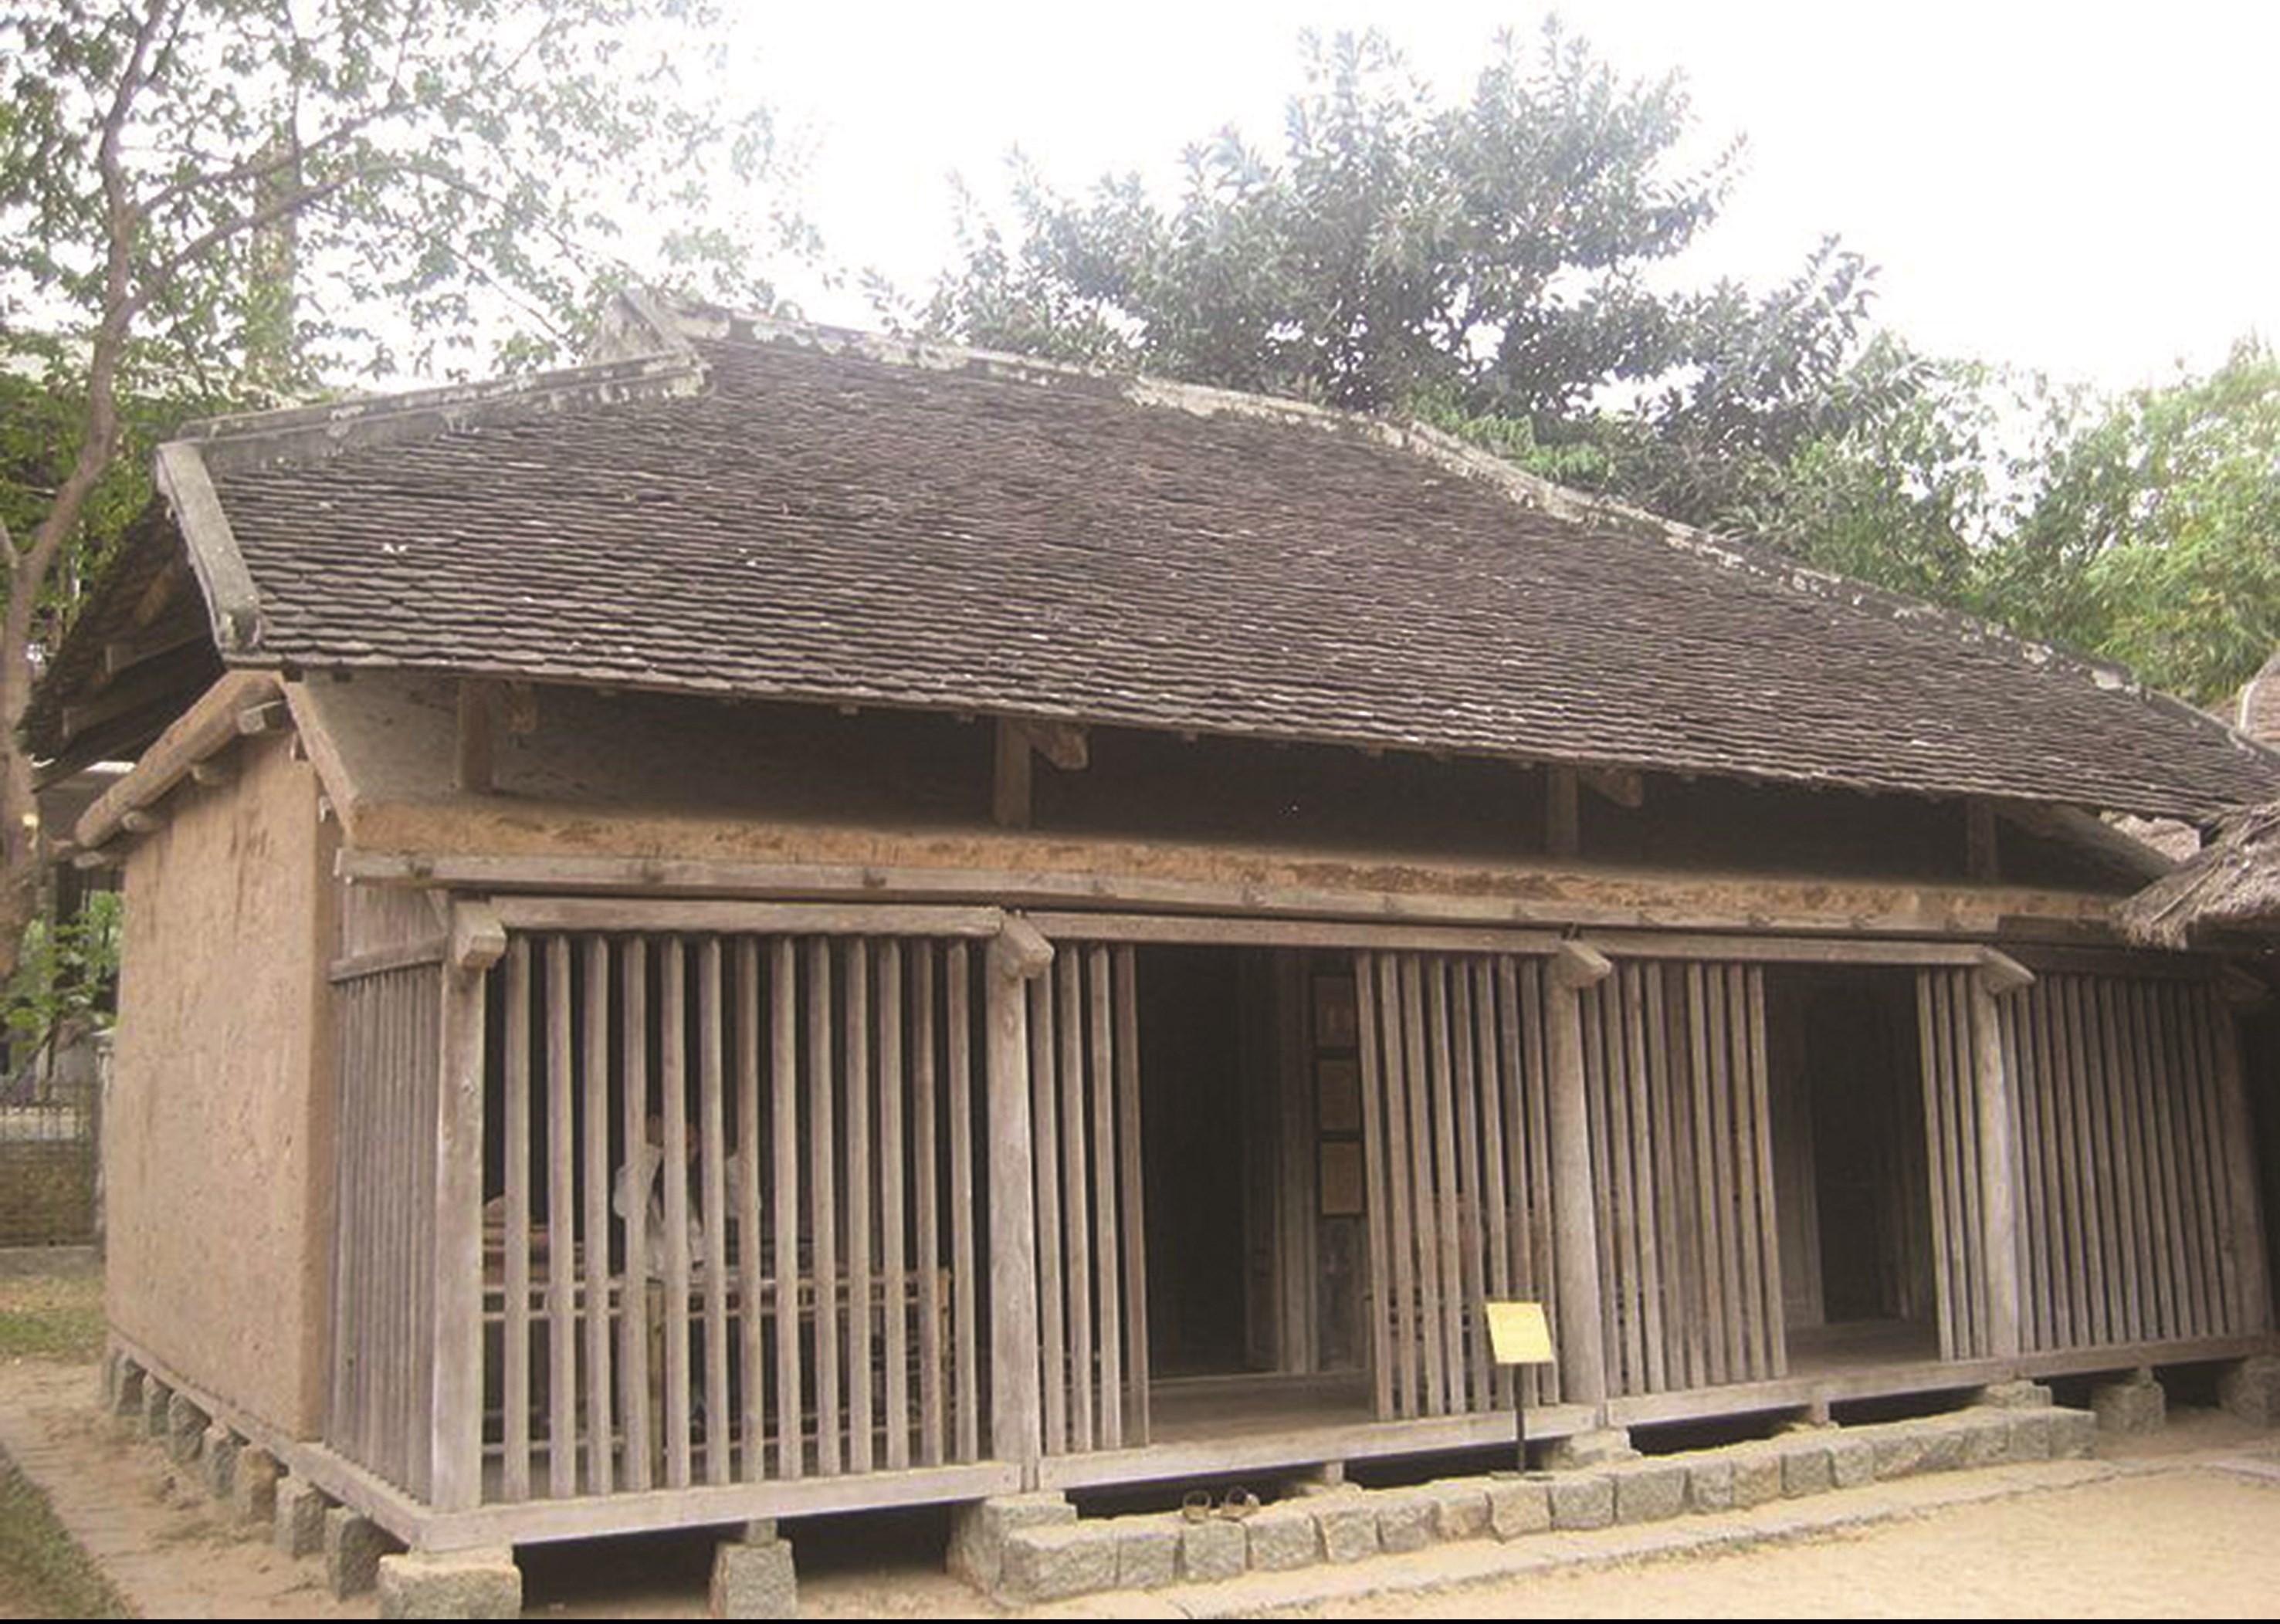 Một căn nhà cổ của người Chăm tại Bảo tàng Dân tộc học Việt Nam